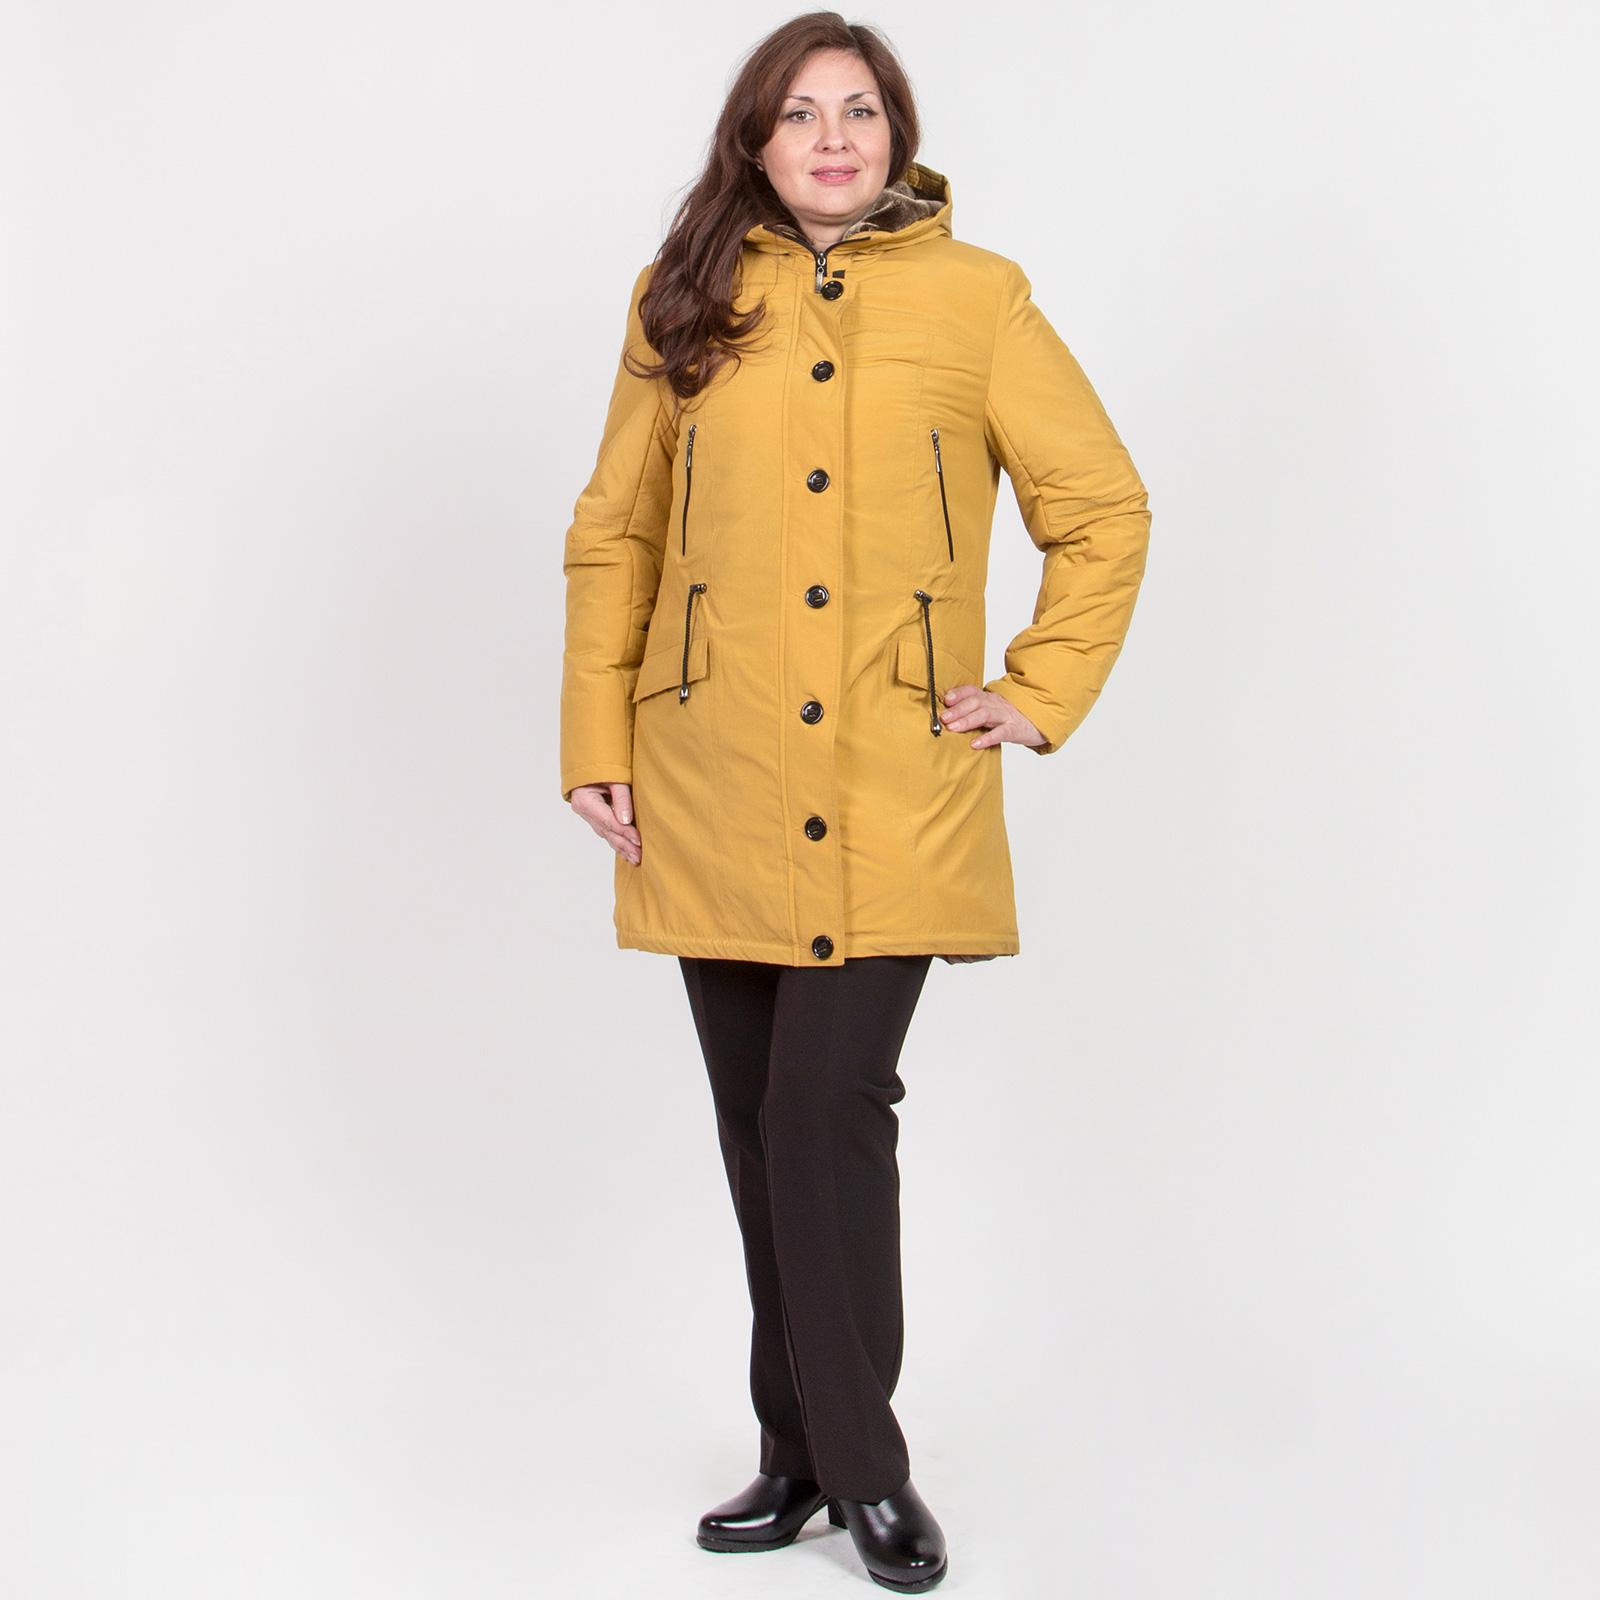 Куртка-парка женская актуального кроя с кулиской на талии